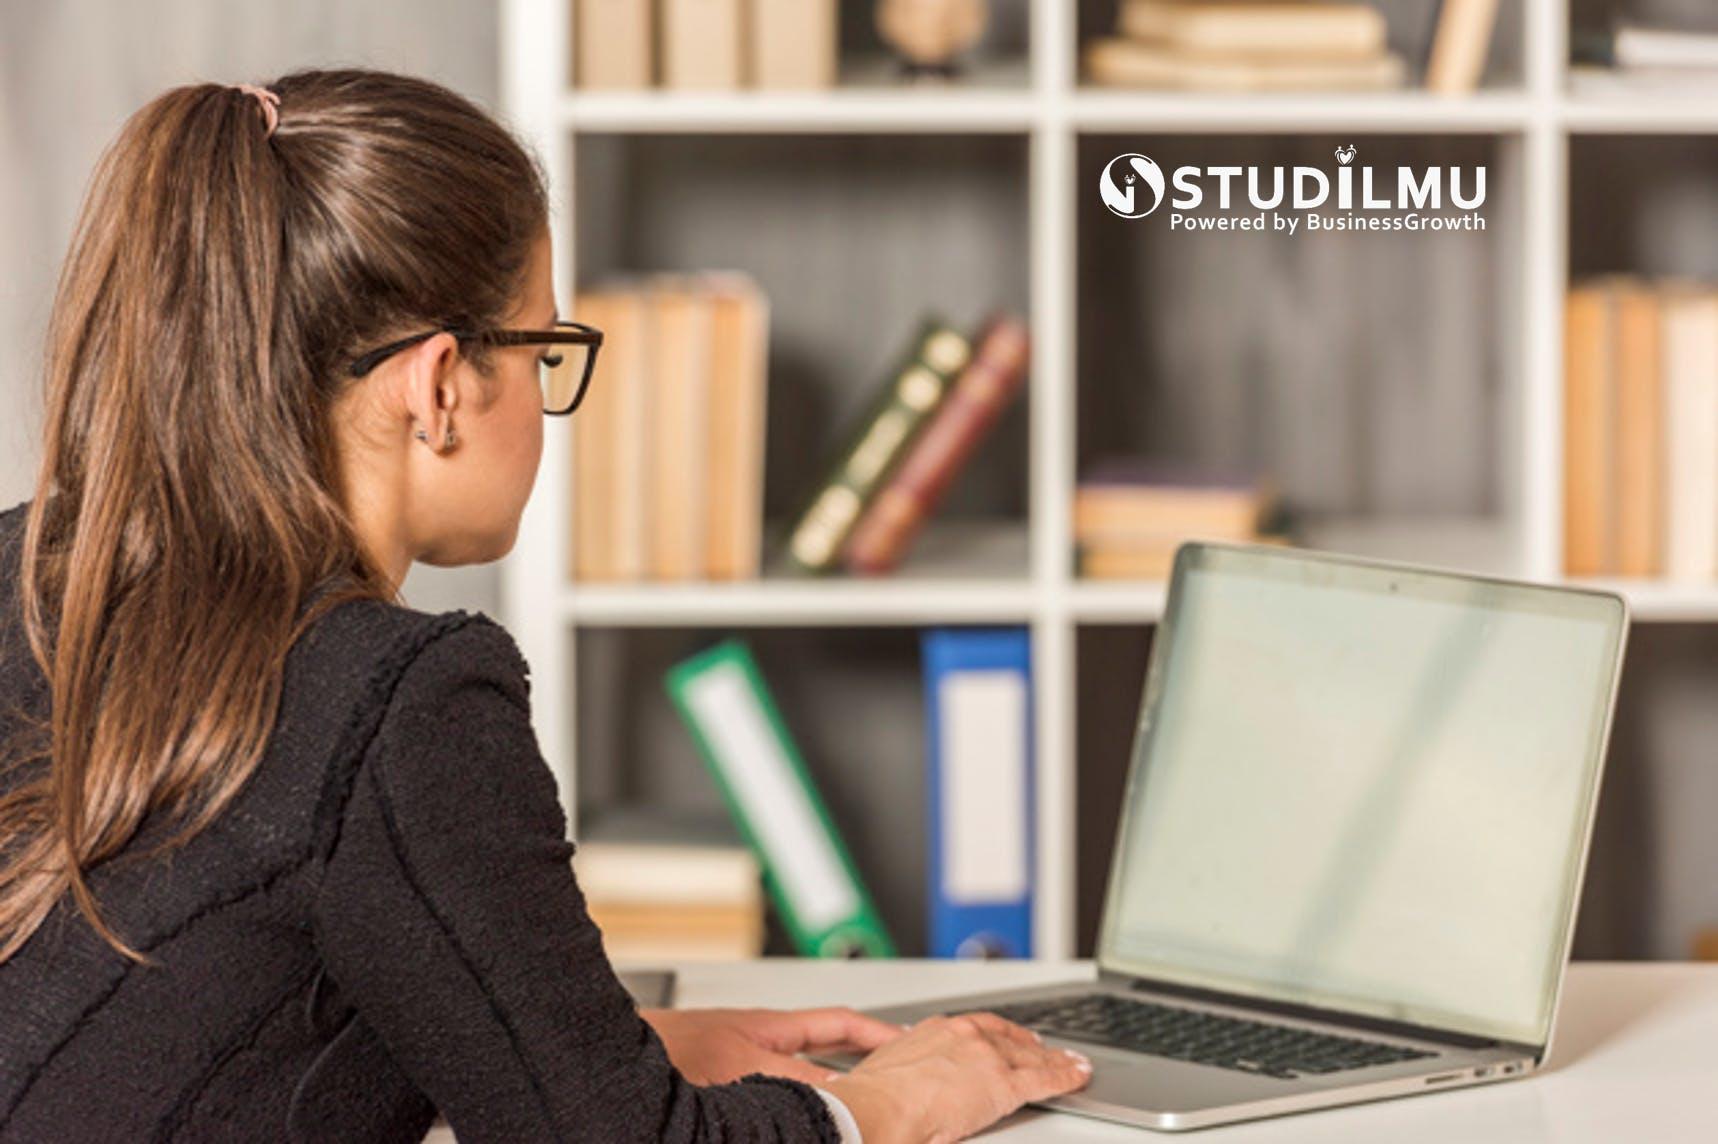 STUDILMU Career Advice - 6 Mitos Disiplin Kerja yang Tidak Perlu Dipercaya Lagi